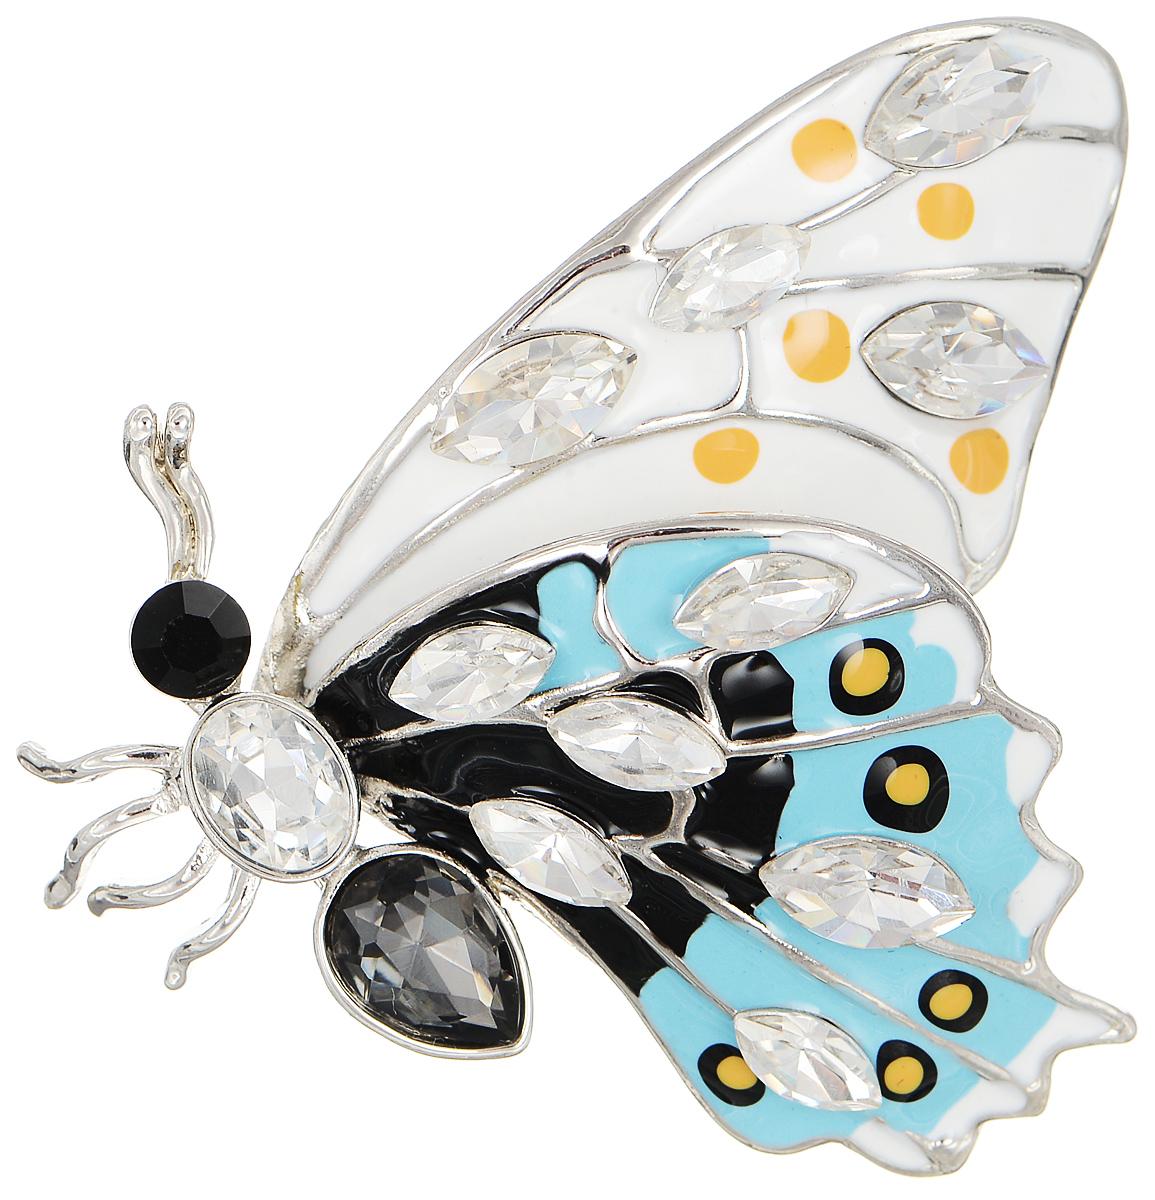 Брошь Selena Street Fashion, цвет: белый, голубой, черный. 3002684030026840Роскошная брошь Selena Street Fashion изготовлена из латуни с родиевым покрытием в виде бабочки. Брошь покрыта эмалью и оформлена кристаллами Preciosa. Изделие крепится с помощью замка-булавки. Такая брошь позволит вам с легкостью воплотить самую смелую фантазию и создать собственный неповторимый образ.